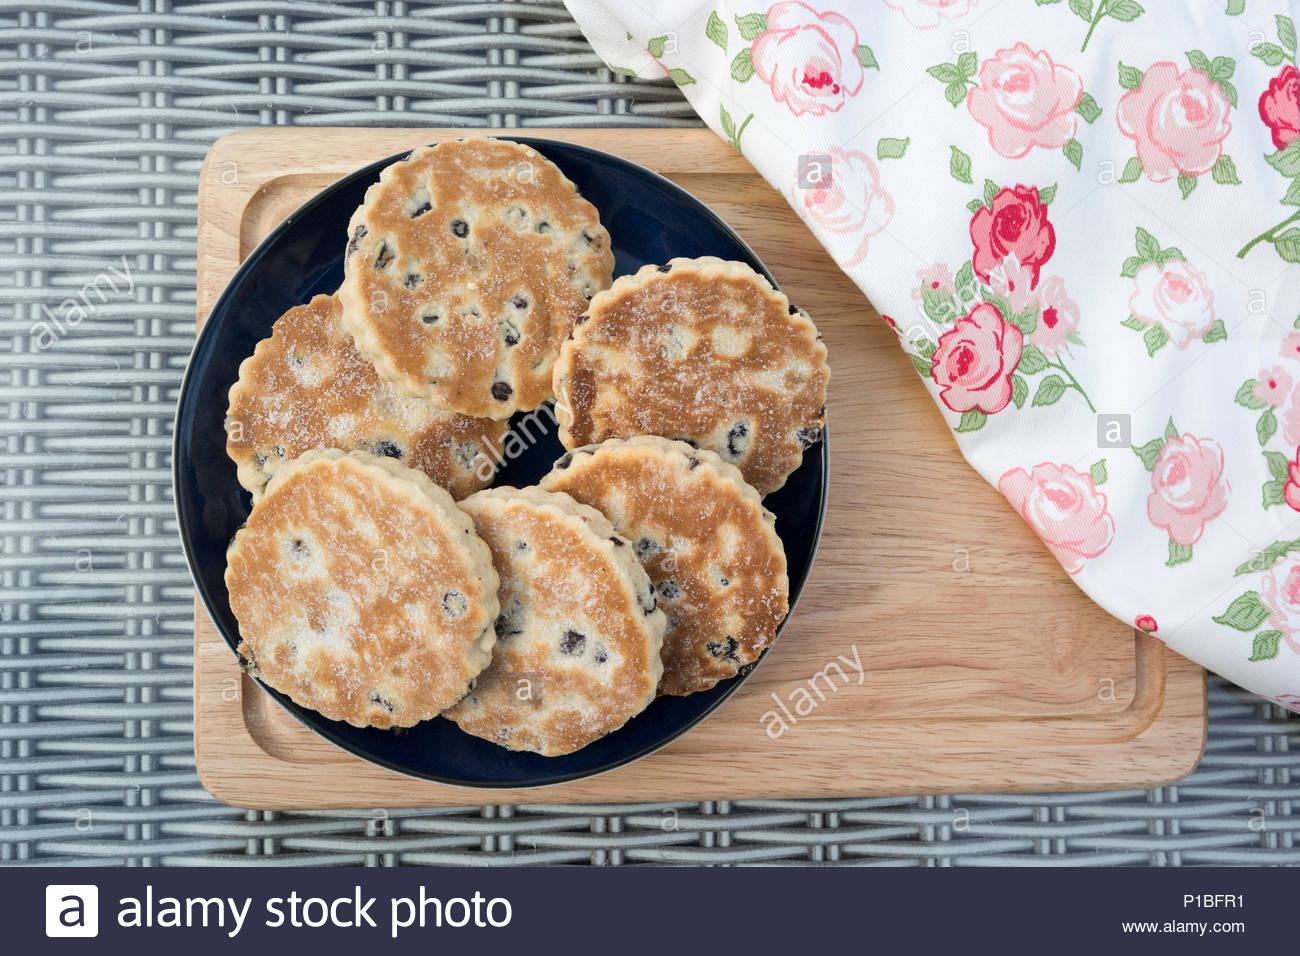 Walisischen Kuchen - auch als bakestones oder Grillpfanne Steine bekannt Stockfoto